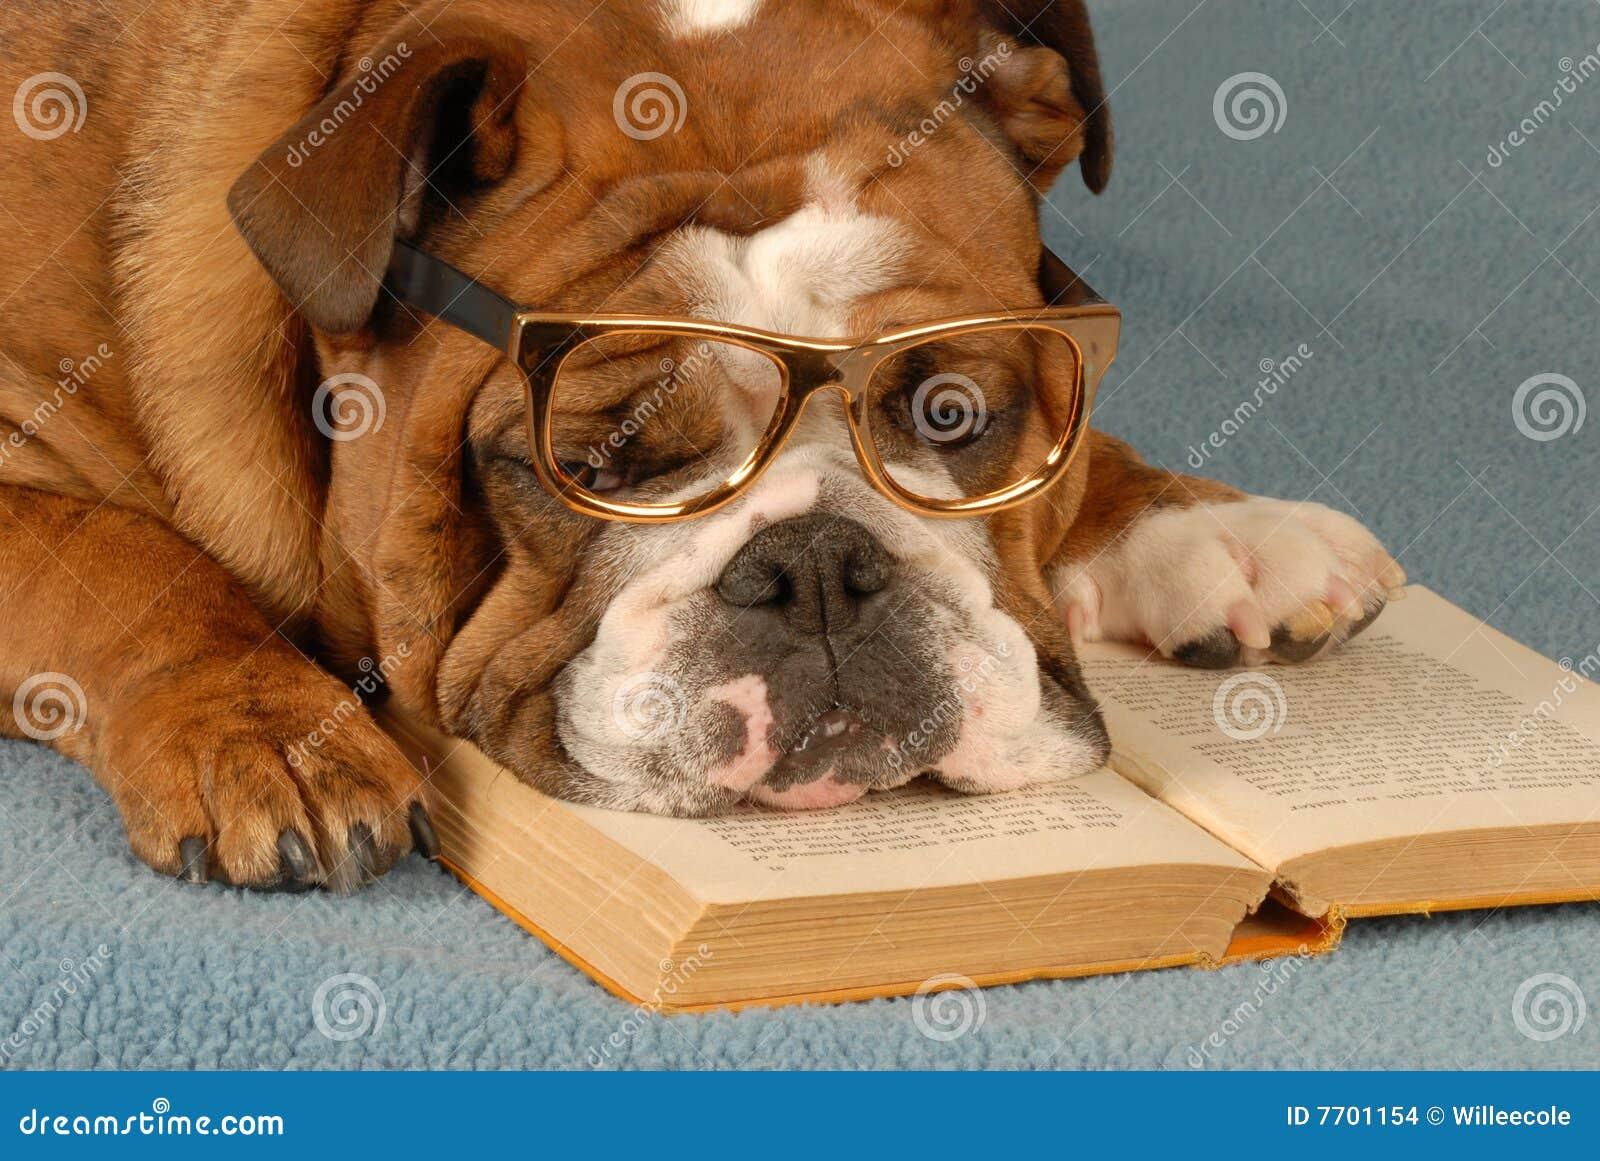 Hundegehorsamschule